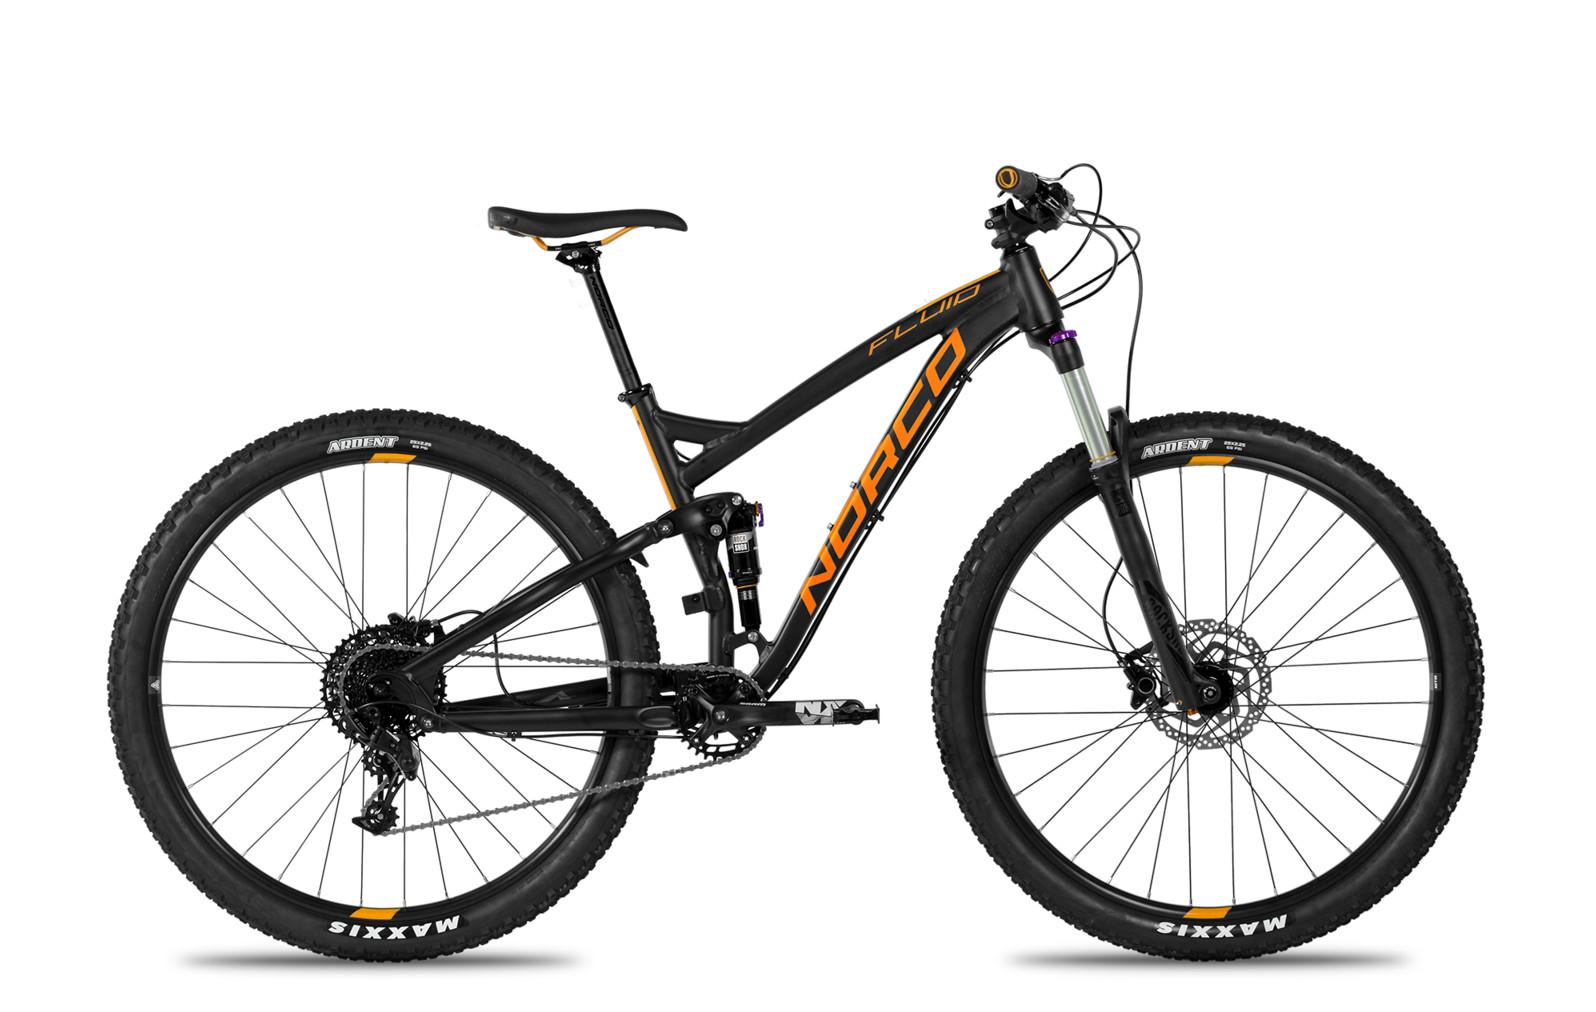 2018 Norco Fluid Fs3 27 5 Bike Reviews Comparisons